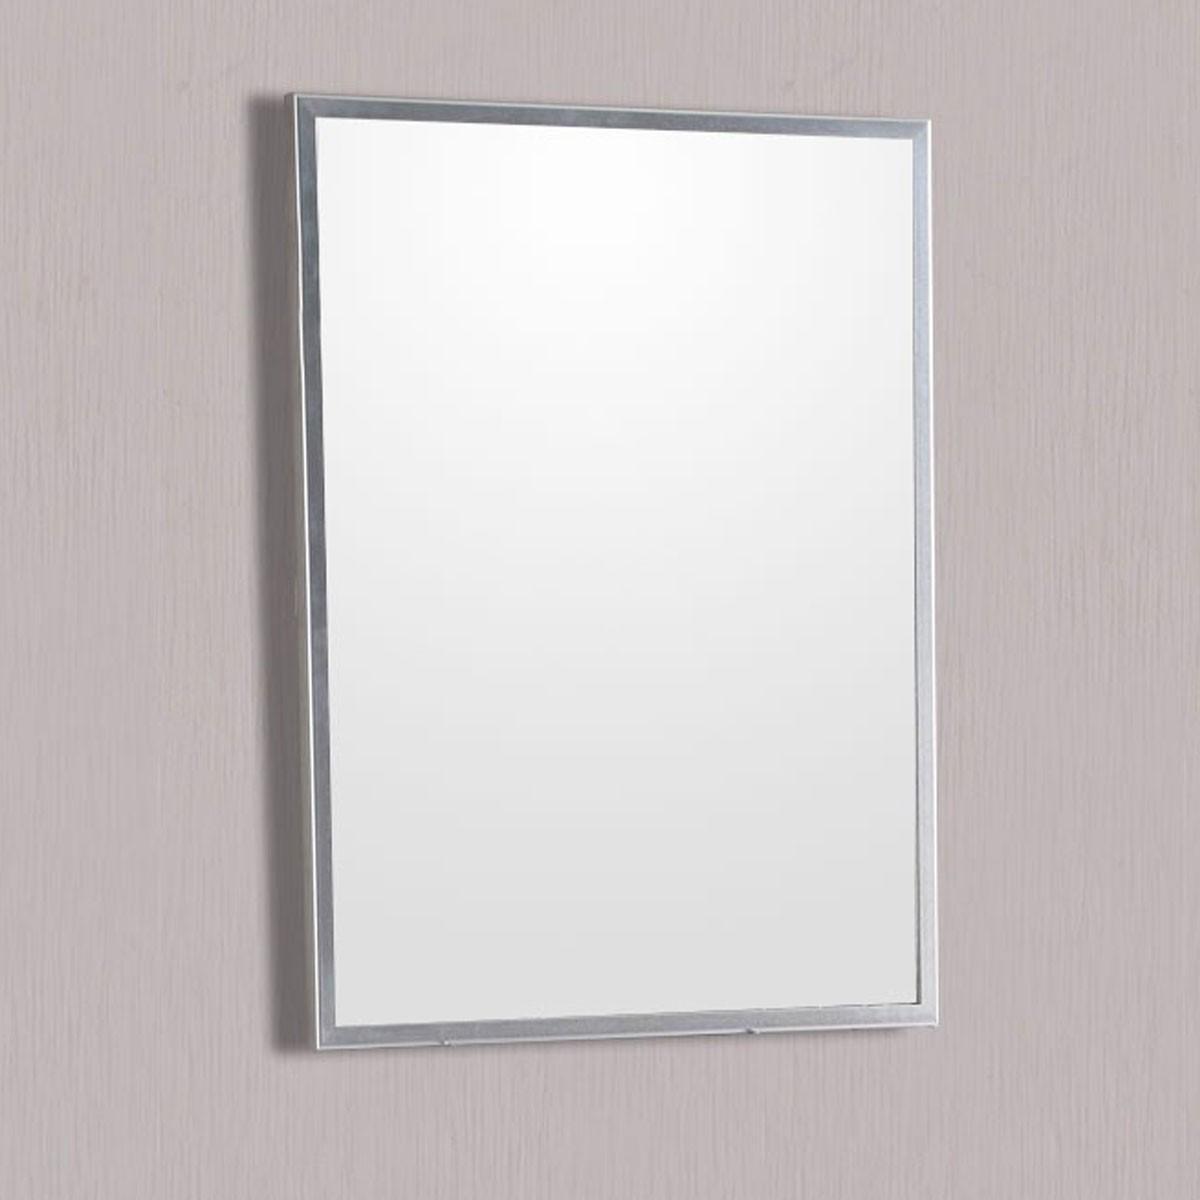 24 x 30 In. Bathroom Vanity Mirror (DK-T5010C-M)